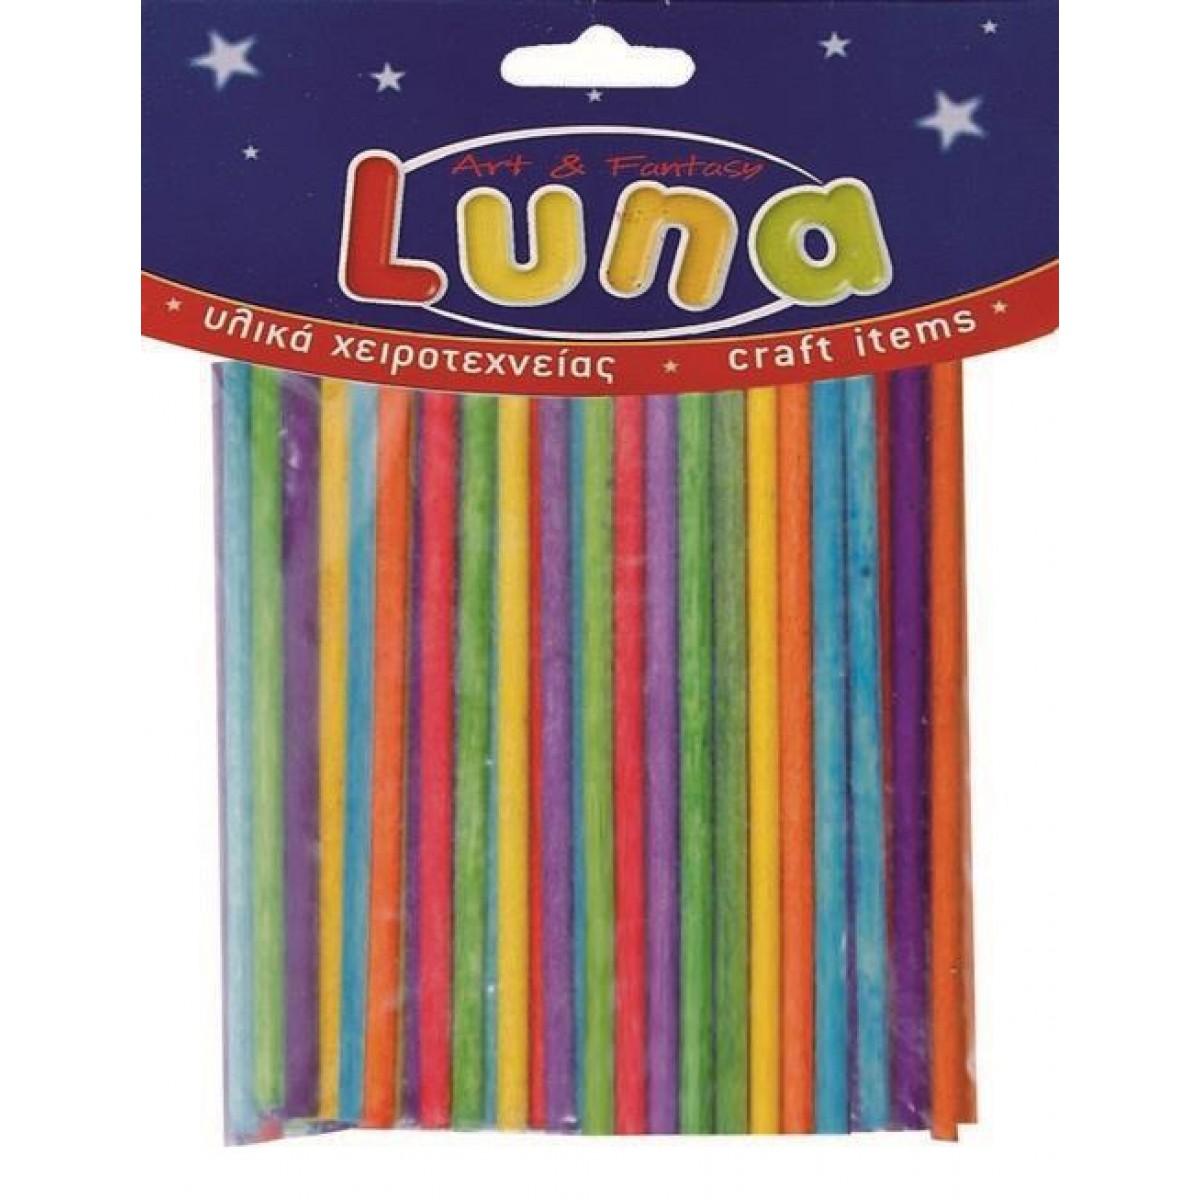 Luna Ξυλάκια Κυλινδρικά Μίξη Χρωμάτων (100 Τεμ.) Υλικά Χειροτεχνίας